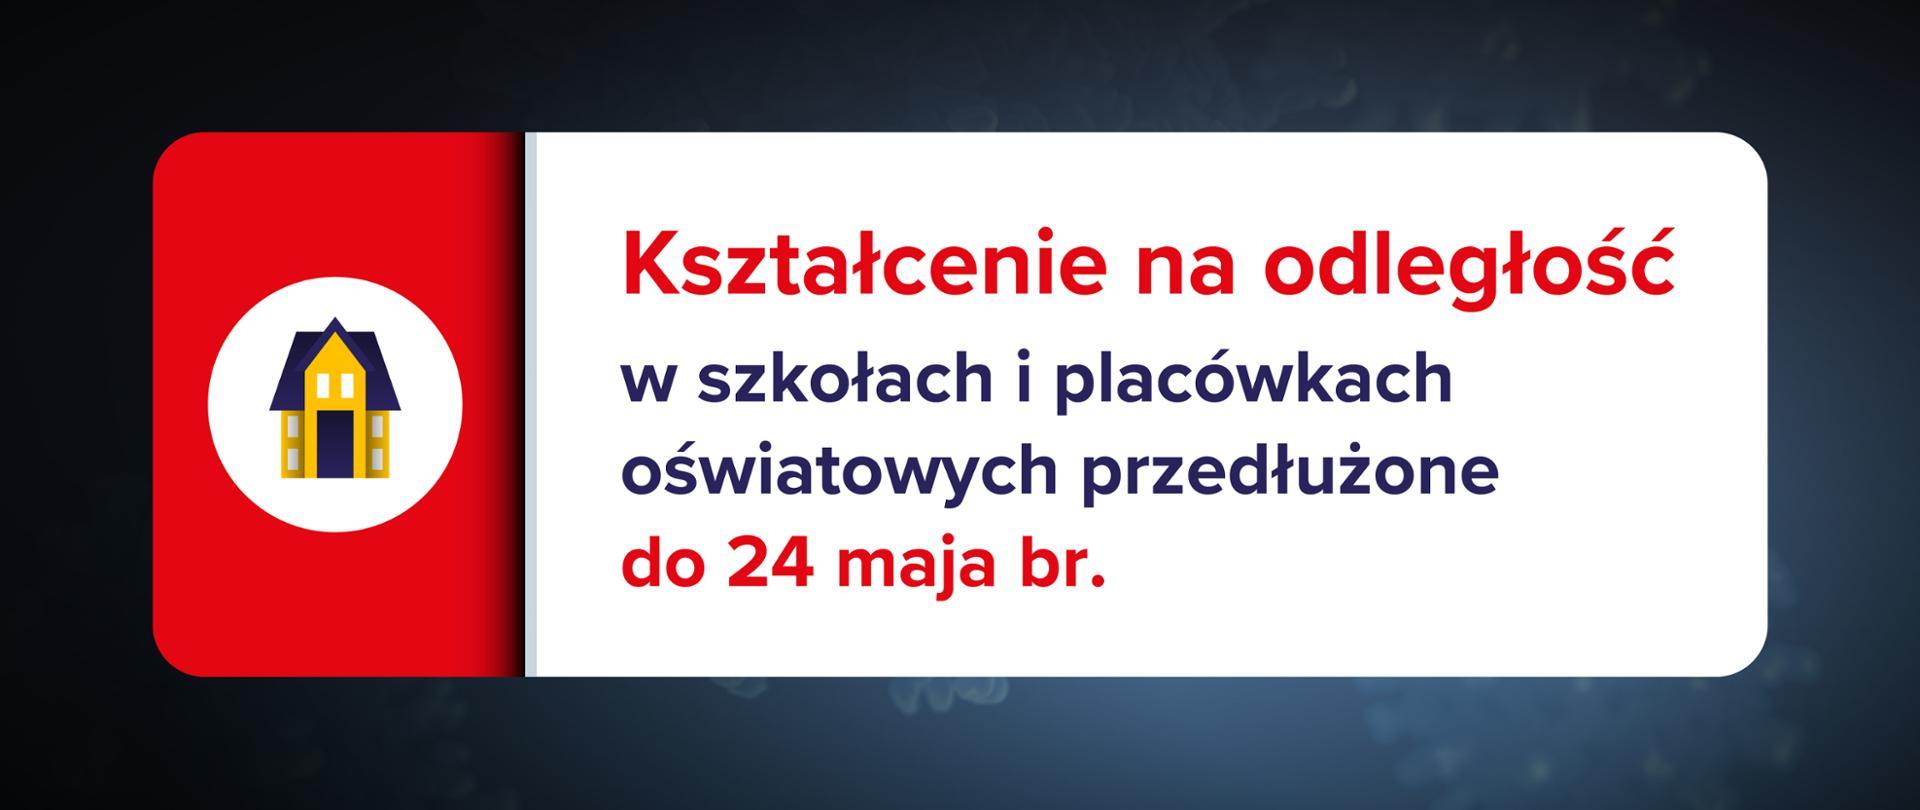 Grafika z tekstem: Kształcenie na odległość w szkołach i placówkach oświatowych przedłużone do 24 maja br.